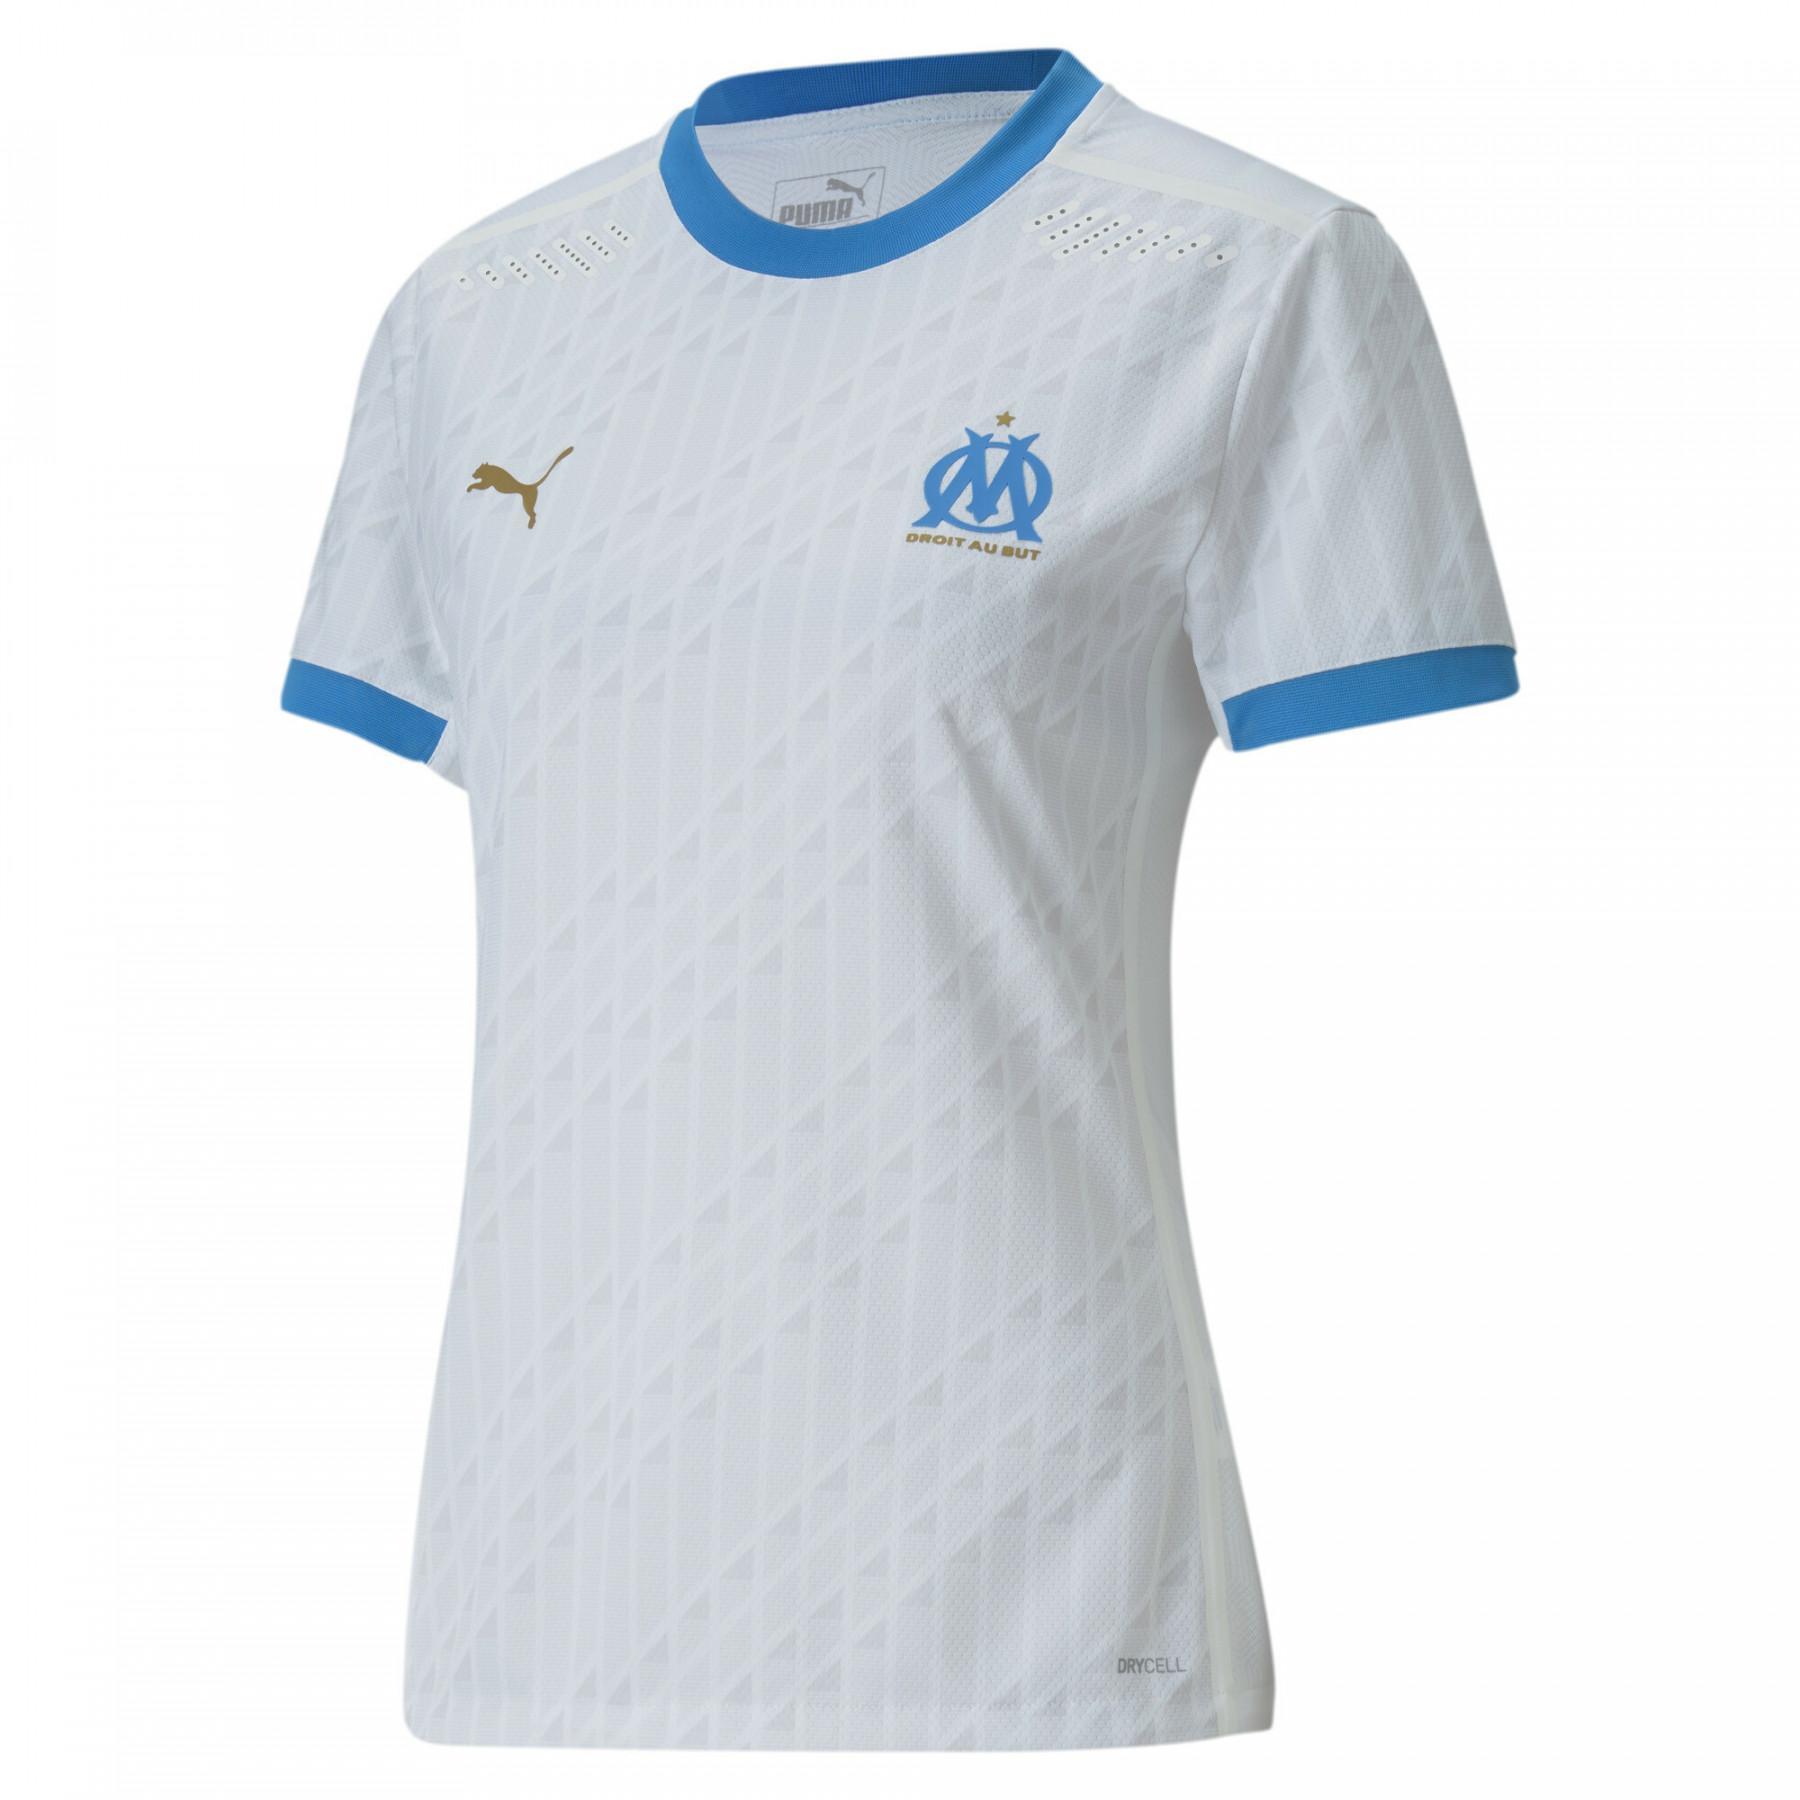 Women's jersey Puma Olypique de Marseille Domicile Promo Without ...